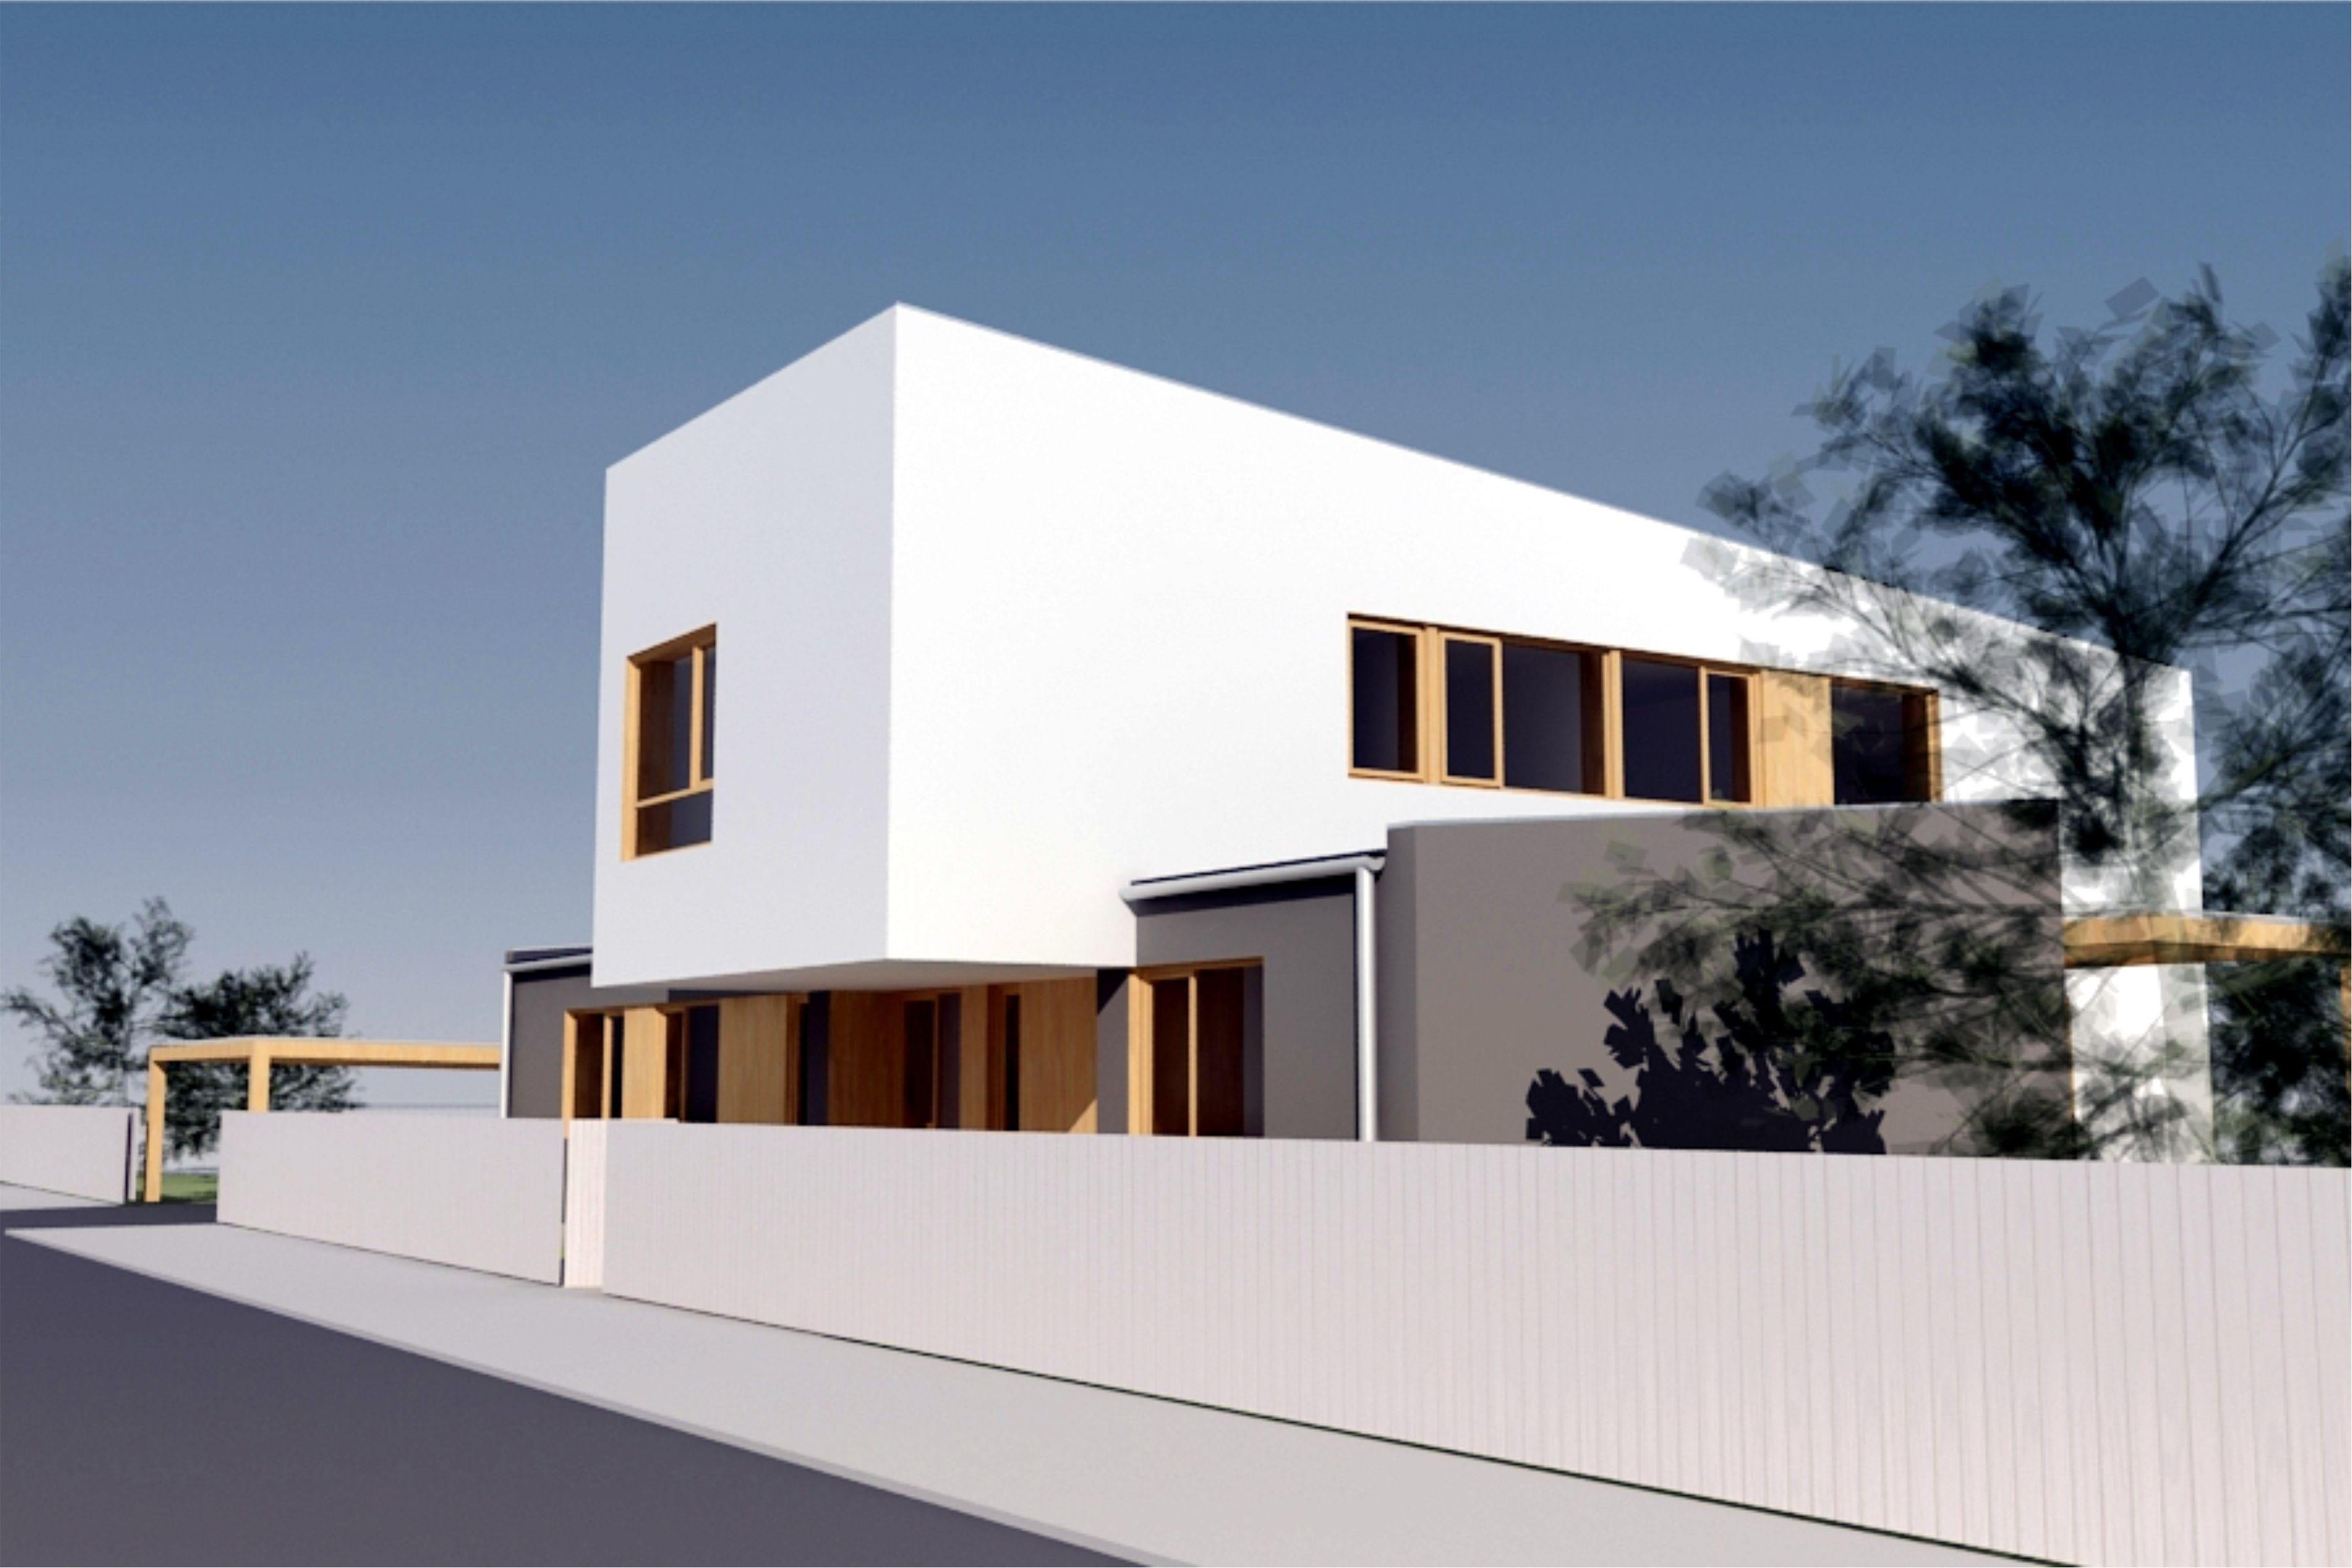 Projekt stavby rodinného domu IV 02